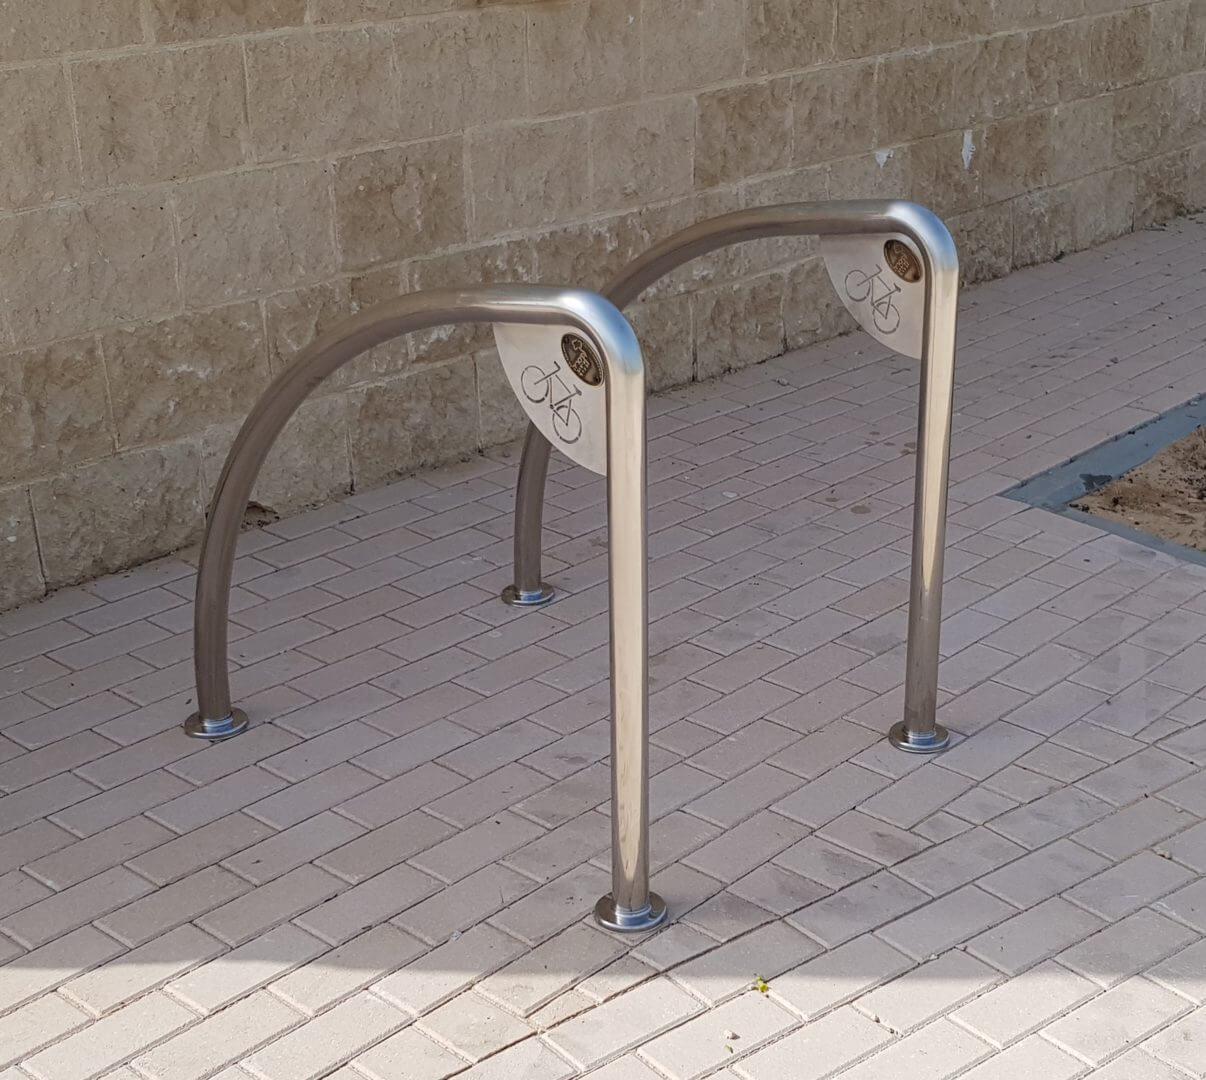 מהי התכלית למתקני אופניים?